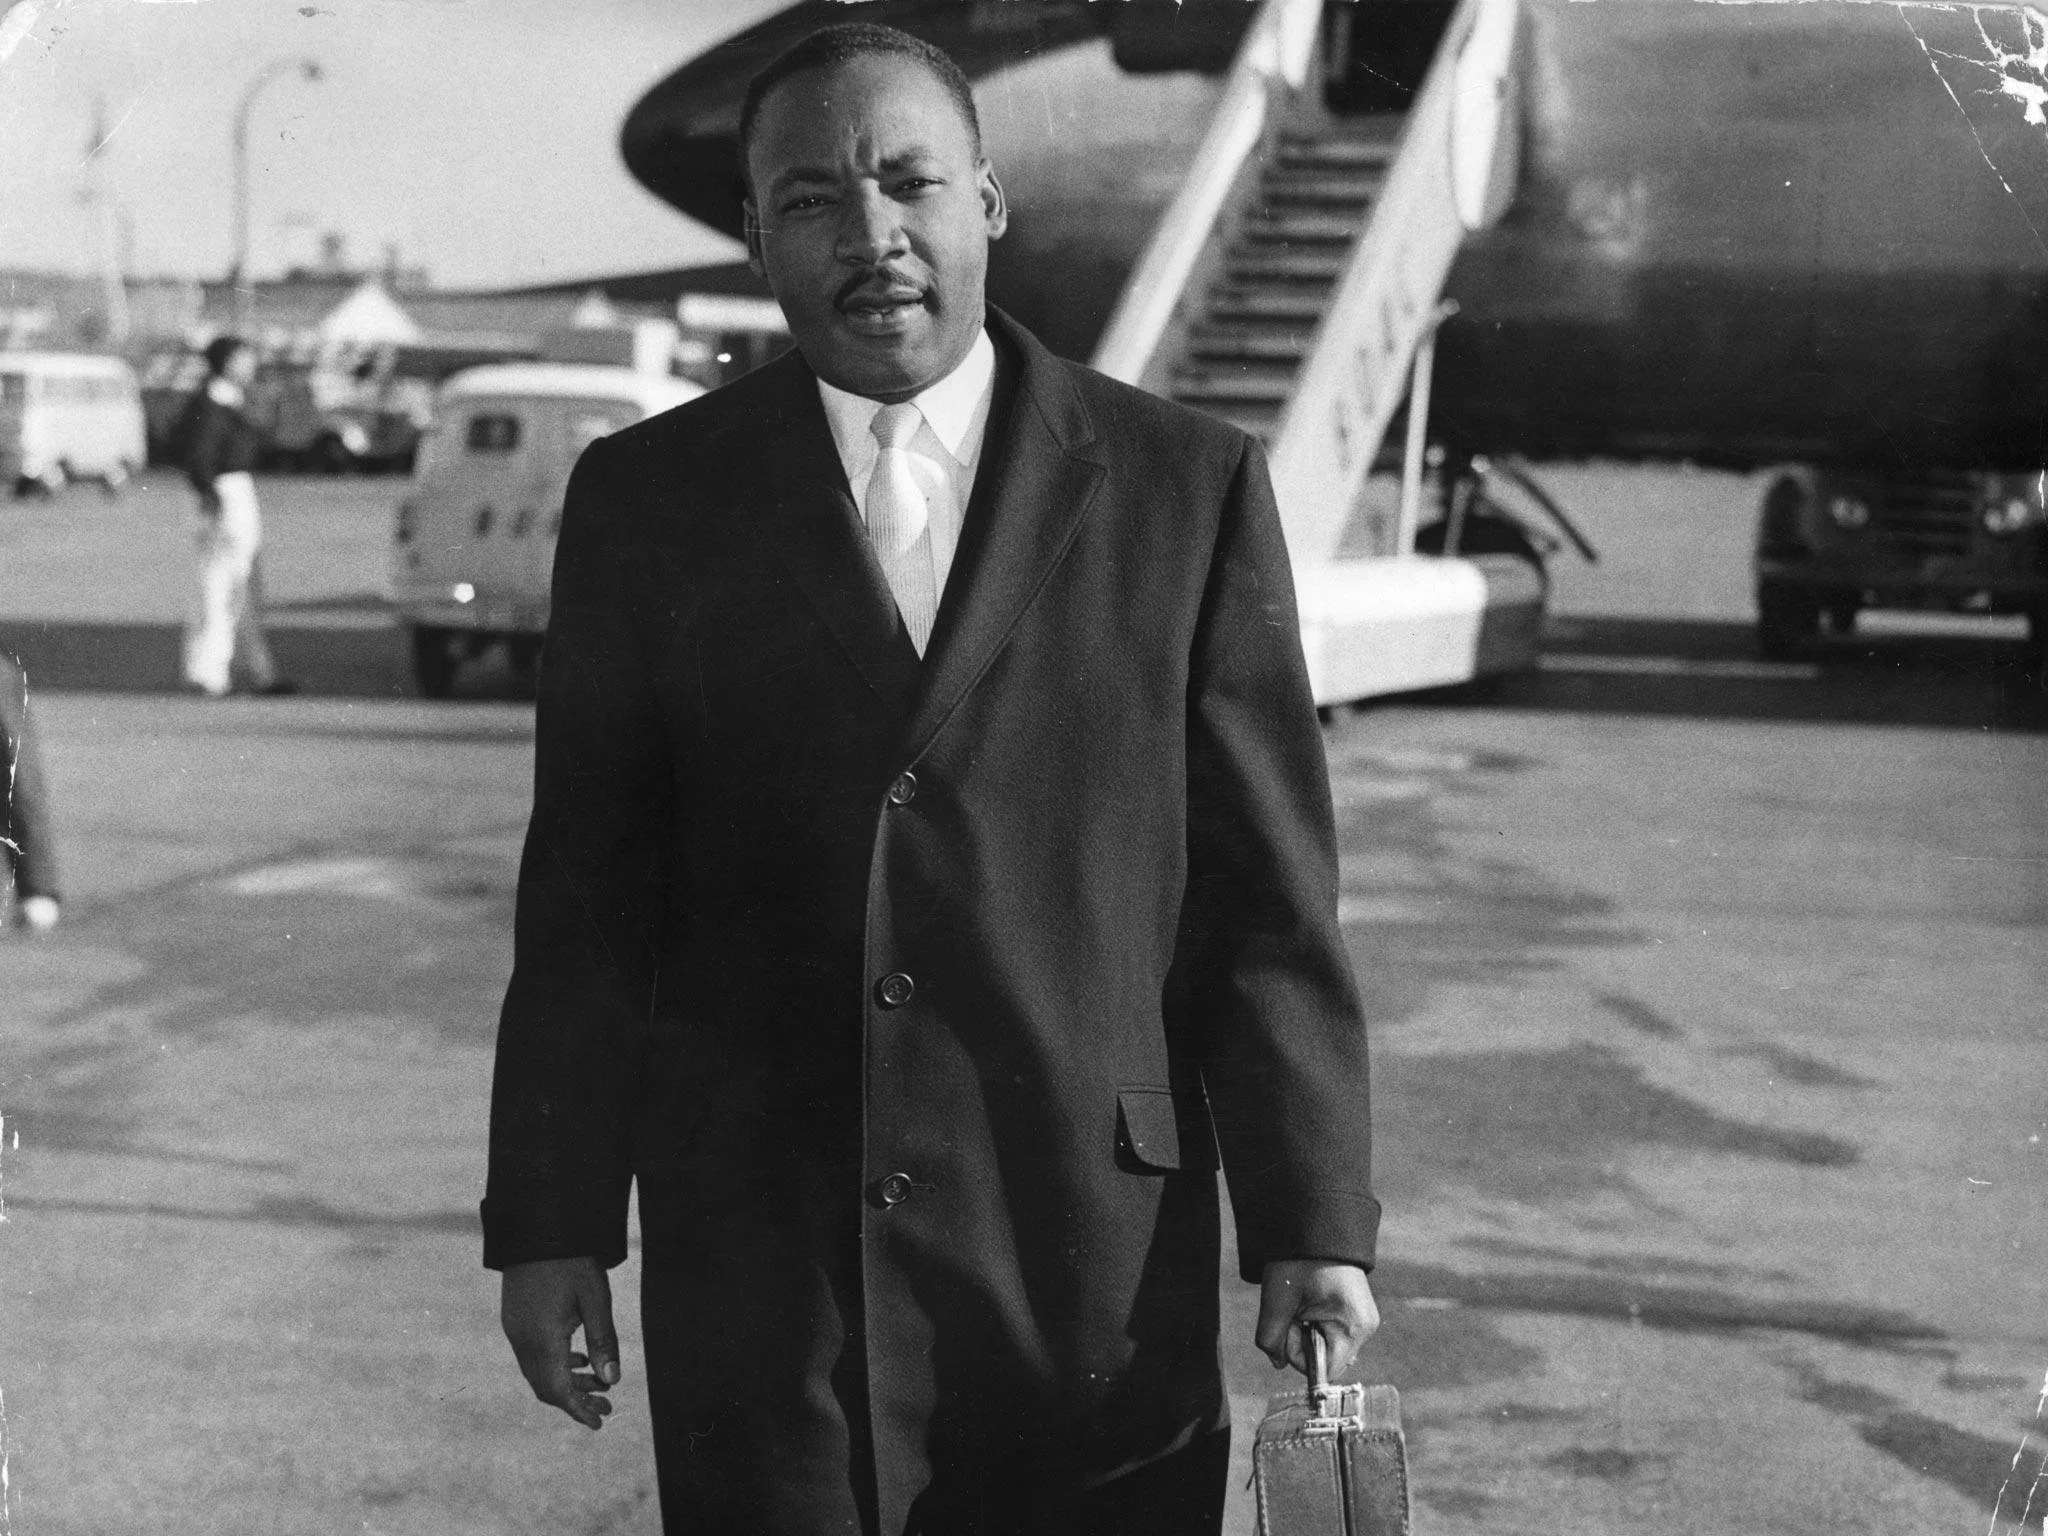 Worksheet Civil Rights Leaders